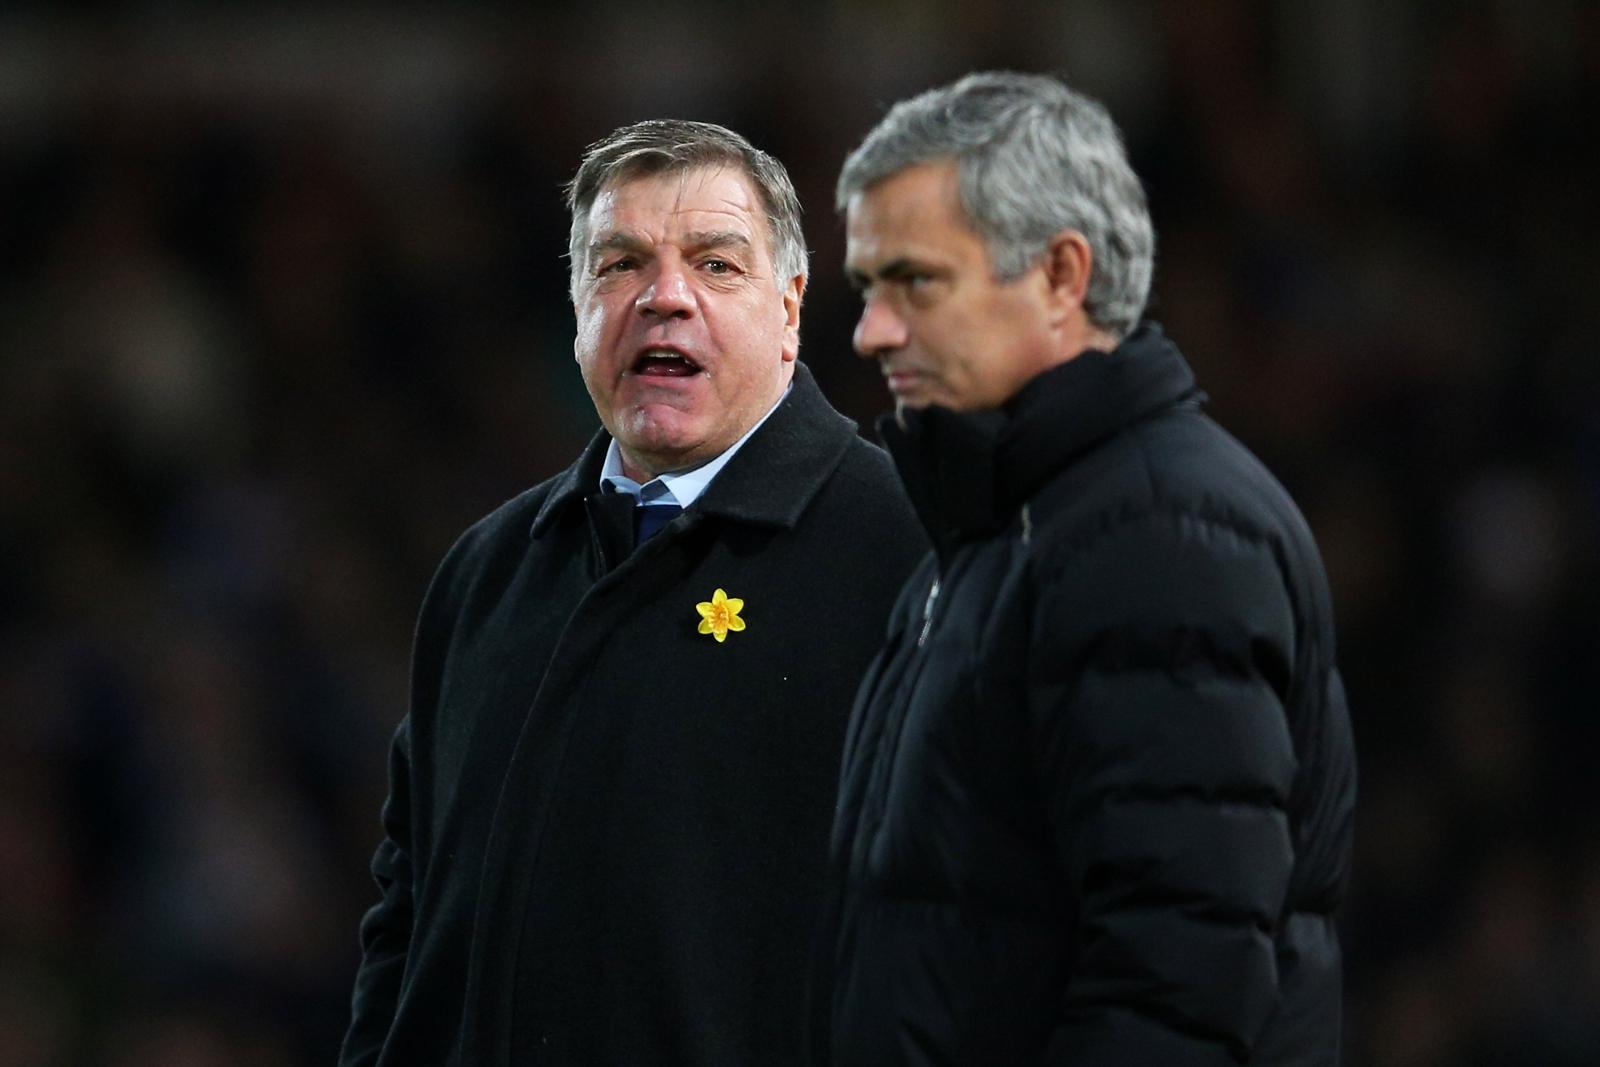 Sam Allardyce and Jose Mourinho